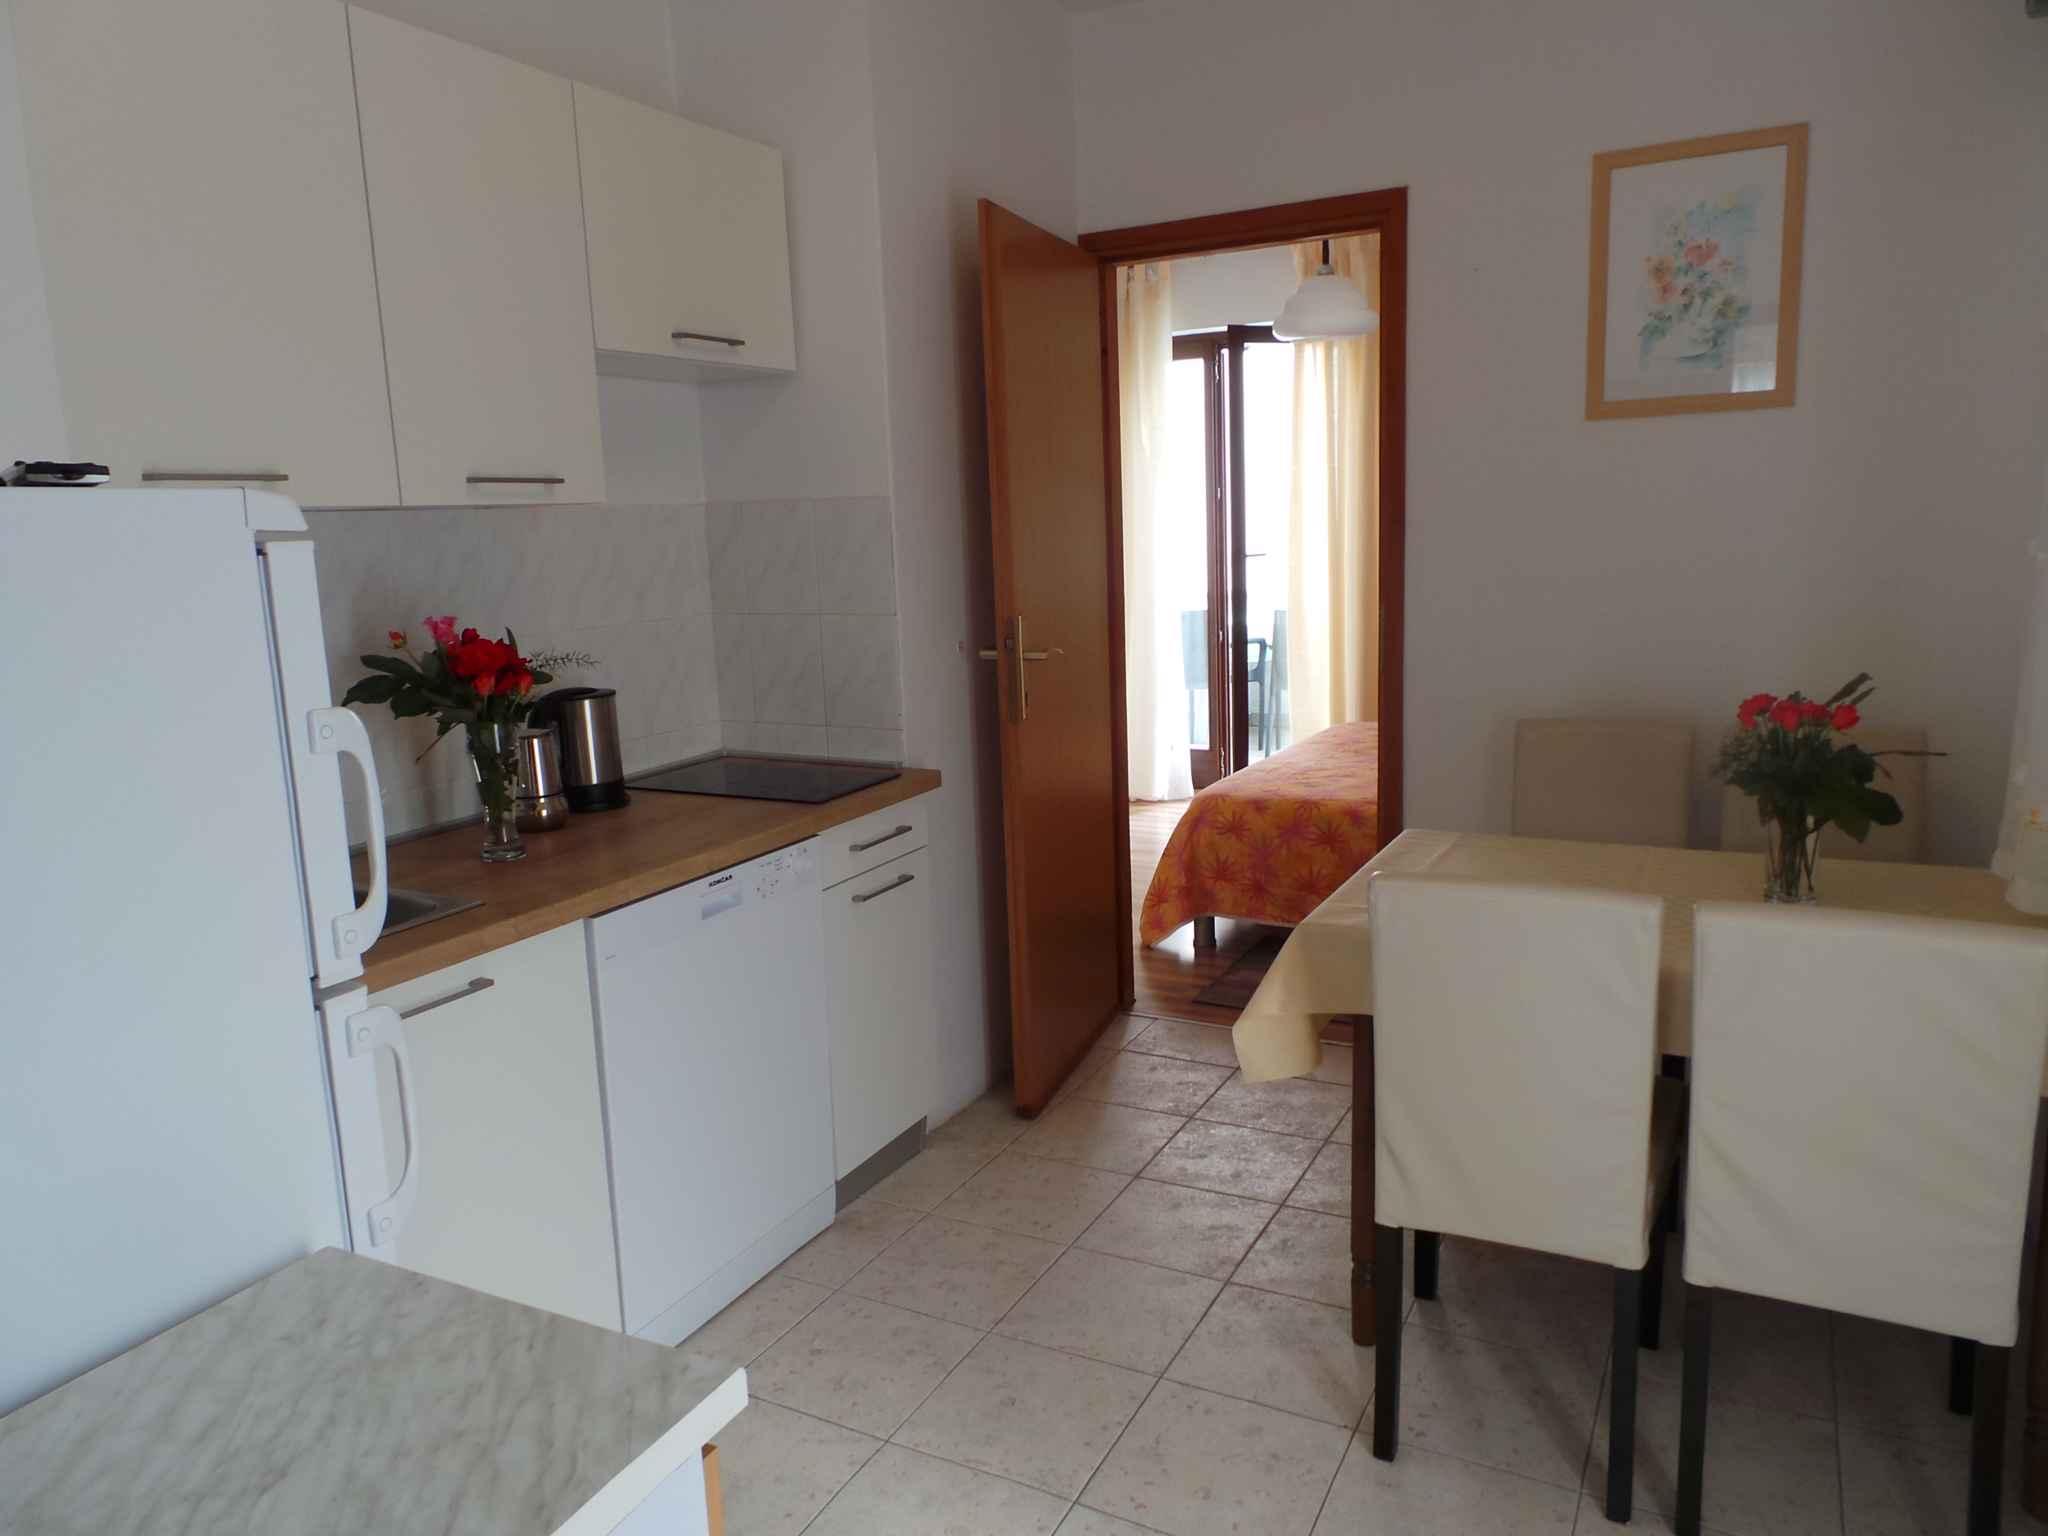 Ferienwohnung mit 2 Balkons (280344), Porec, , Istrien, Kroatien, Bild 21